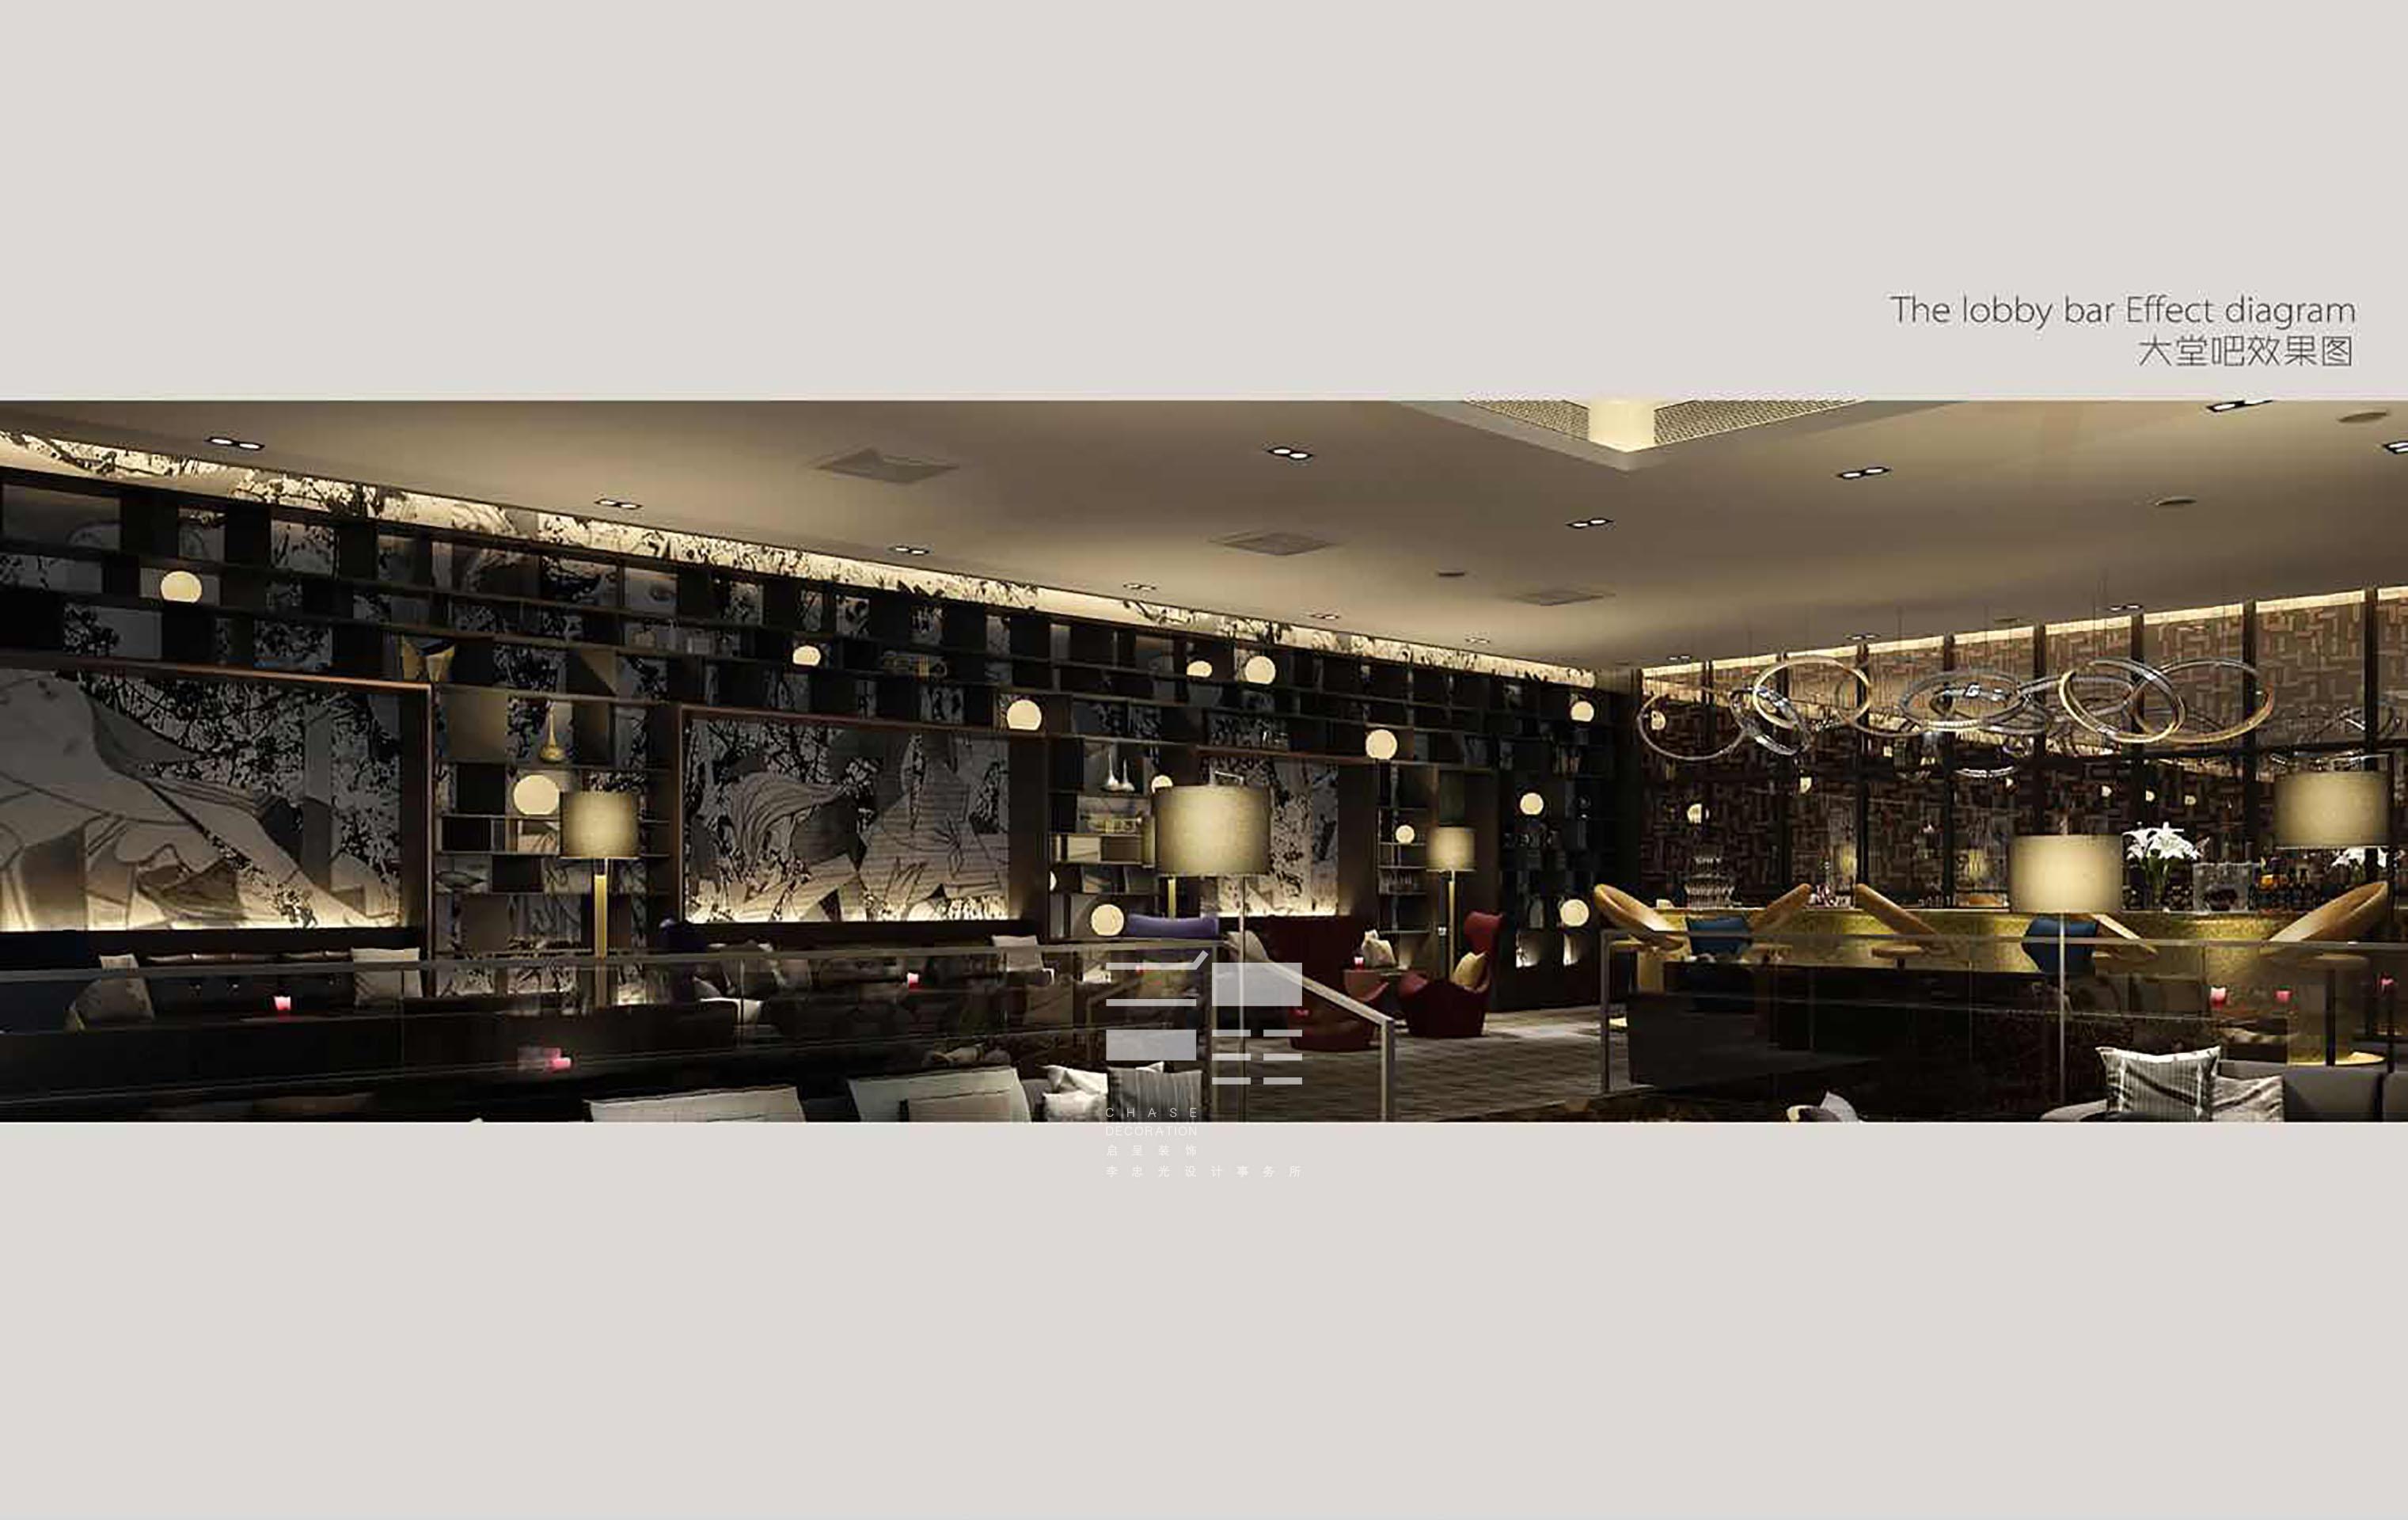 广州·海航威斯汀酒店大堂吧